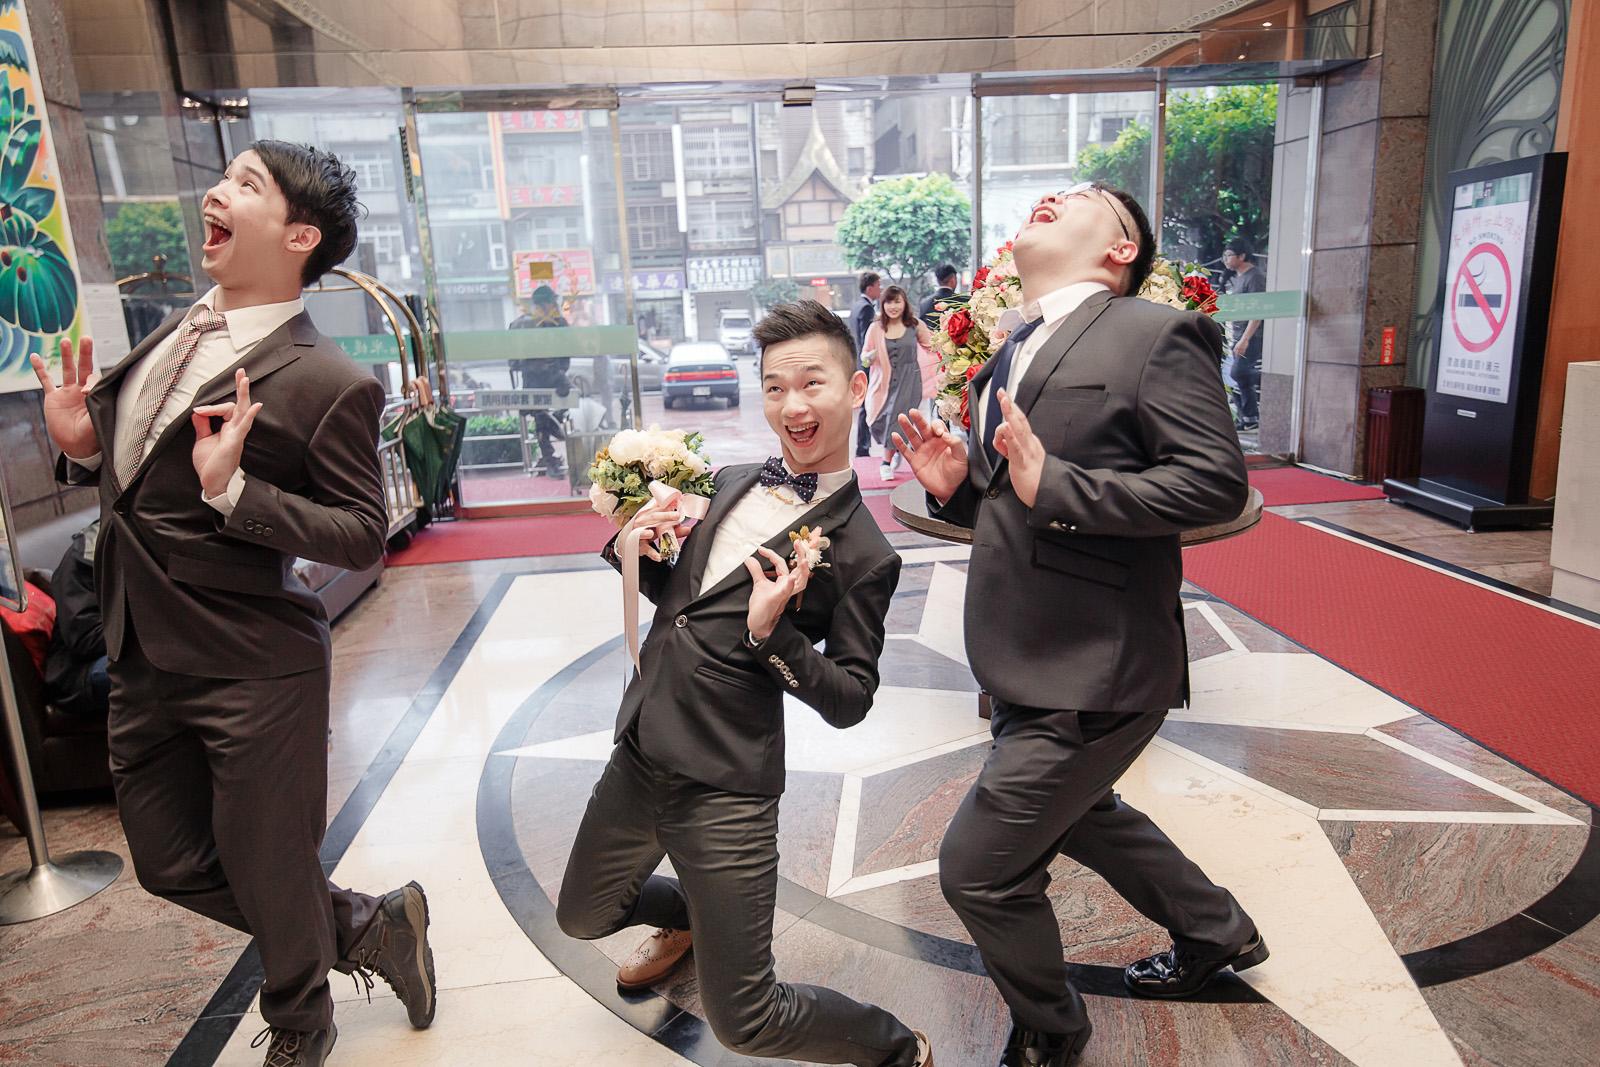 高雄圓山飯店,婚禮攝影,婚攝,高雄婚攝,優質婚攝推薦,Jen&Ethan-113